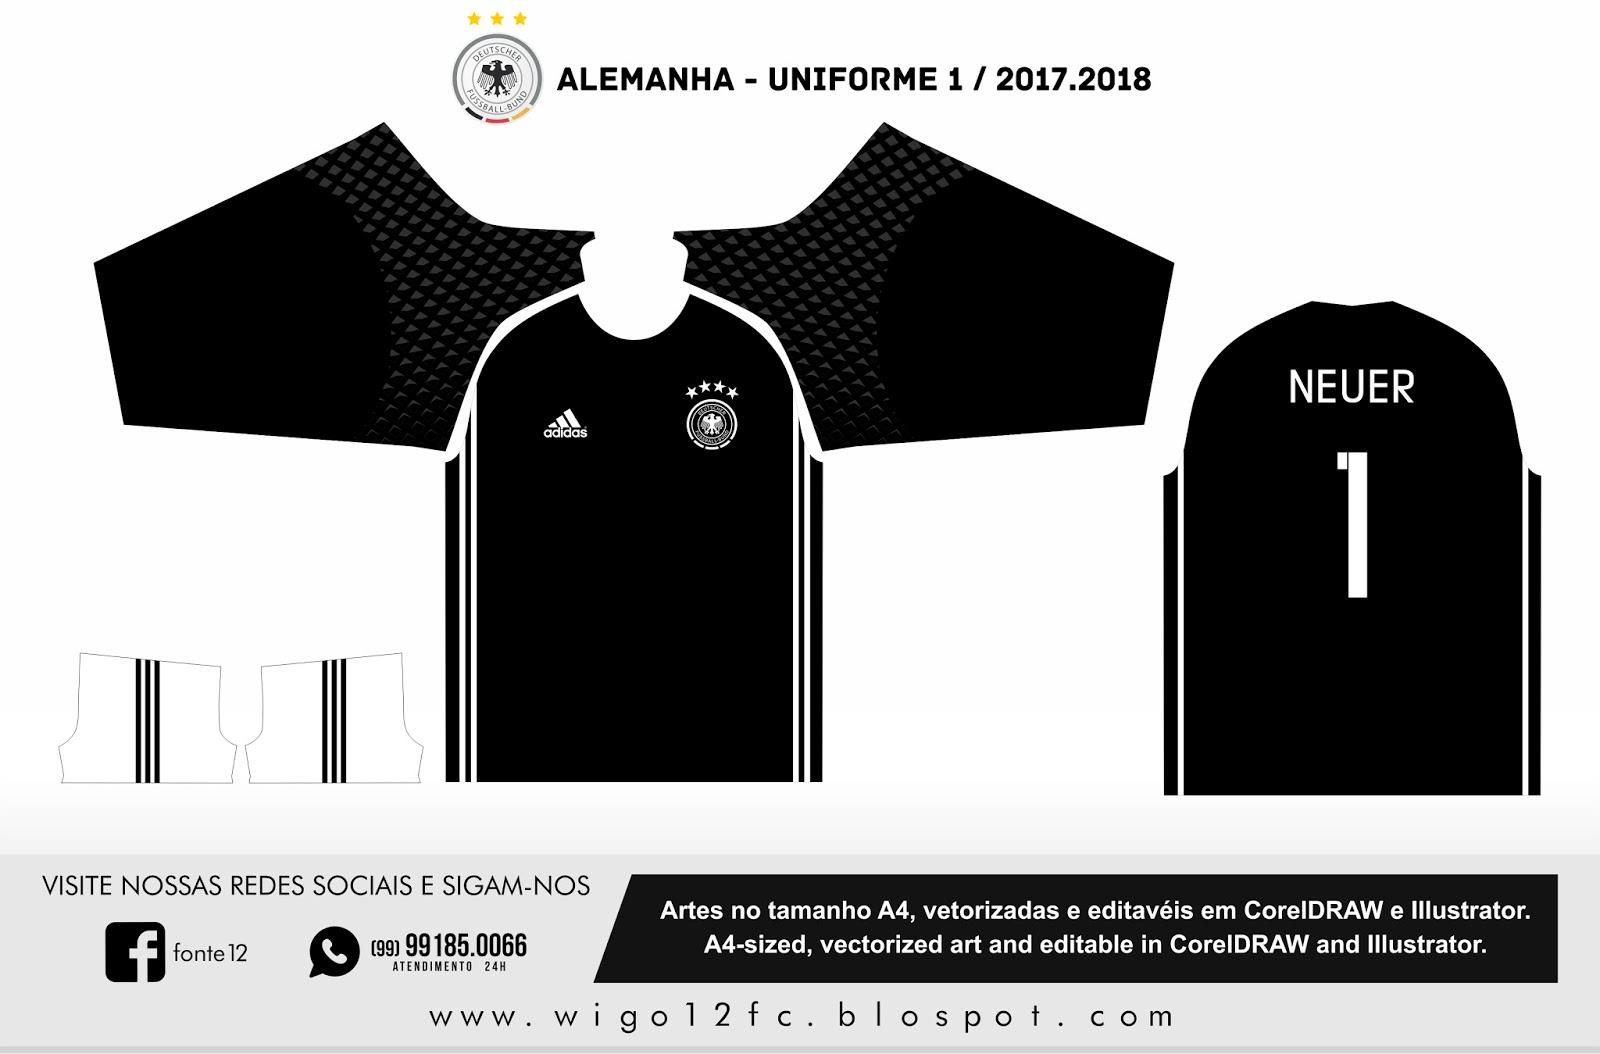 Fontes Camisas de Futebol  Uniforme Alemanha 2016 57c3e9b7b032b